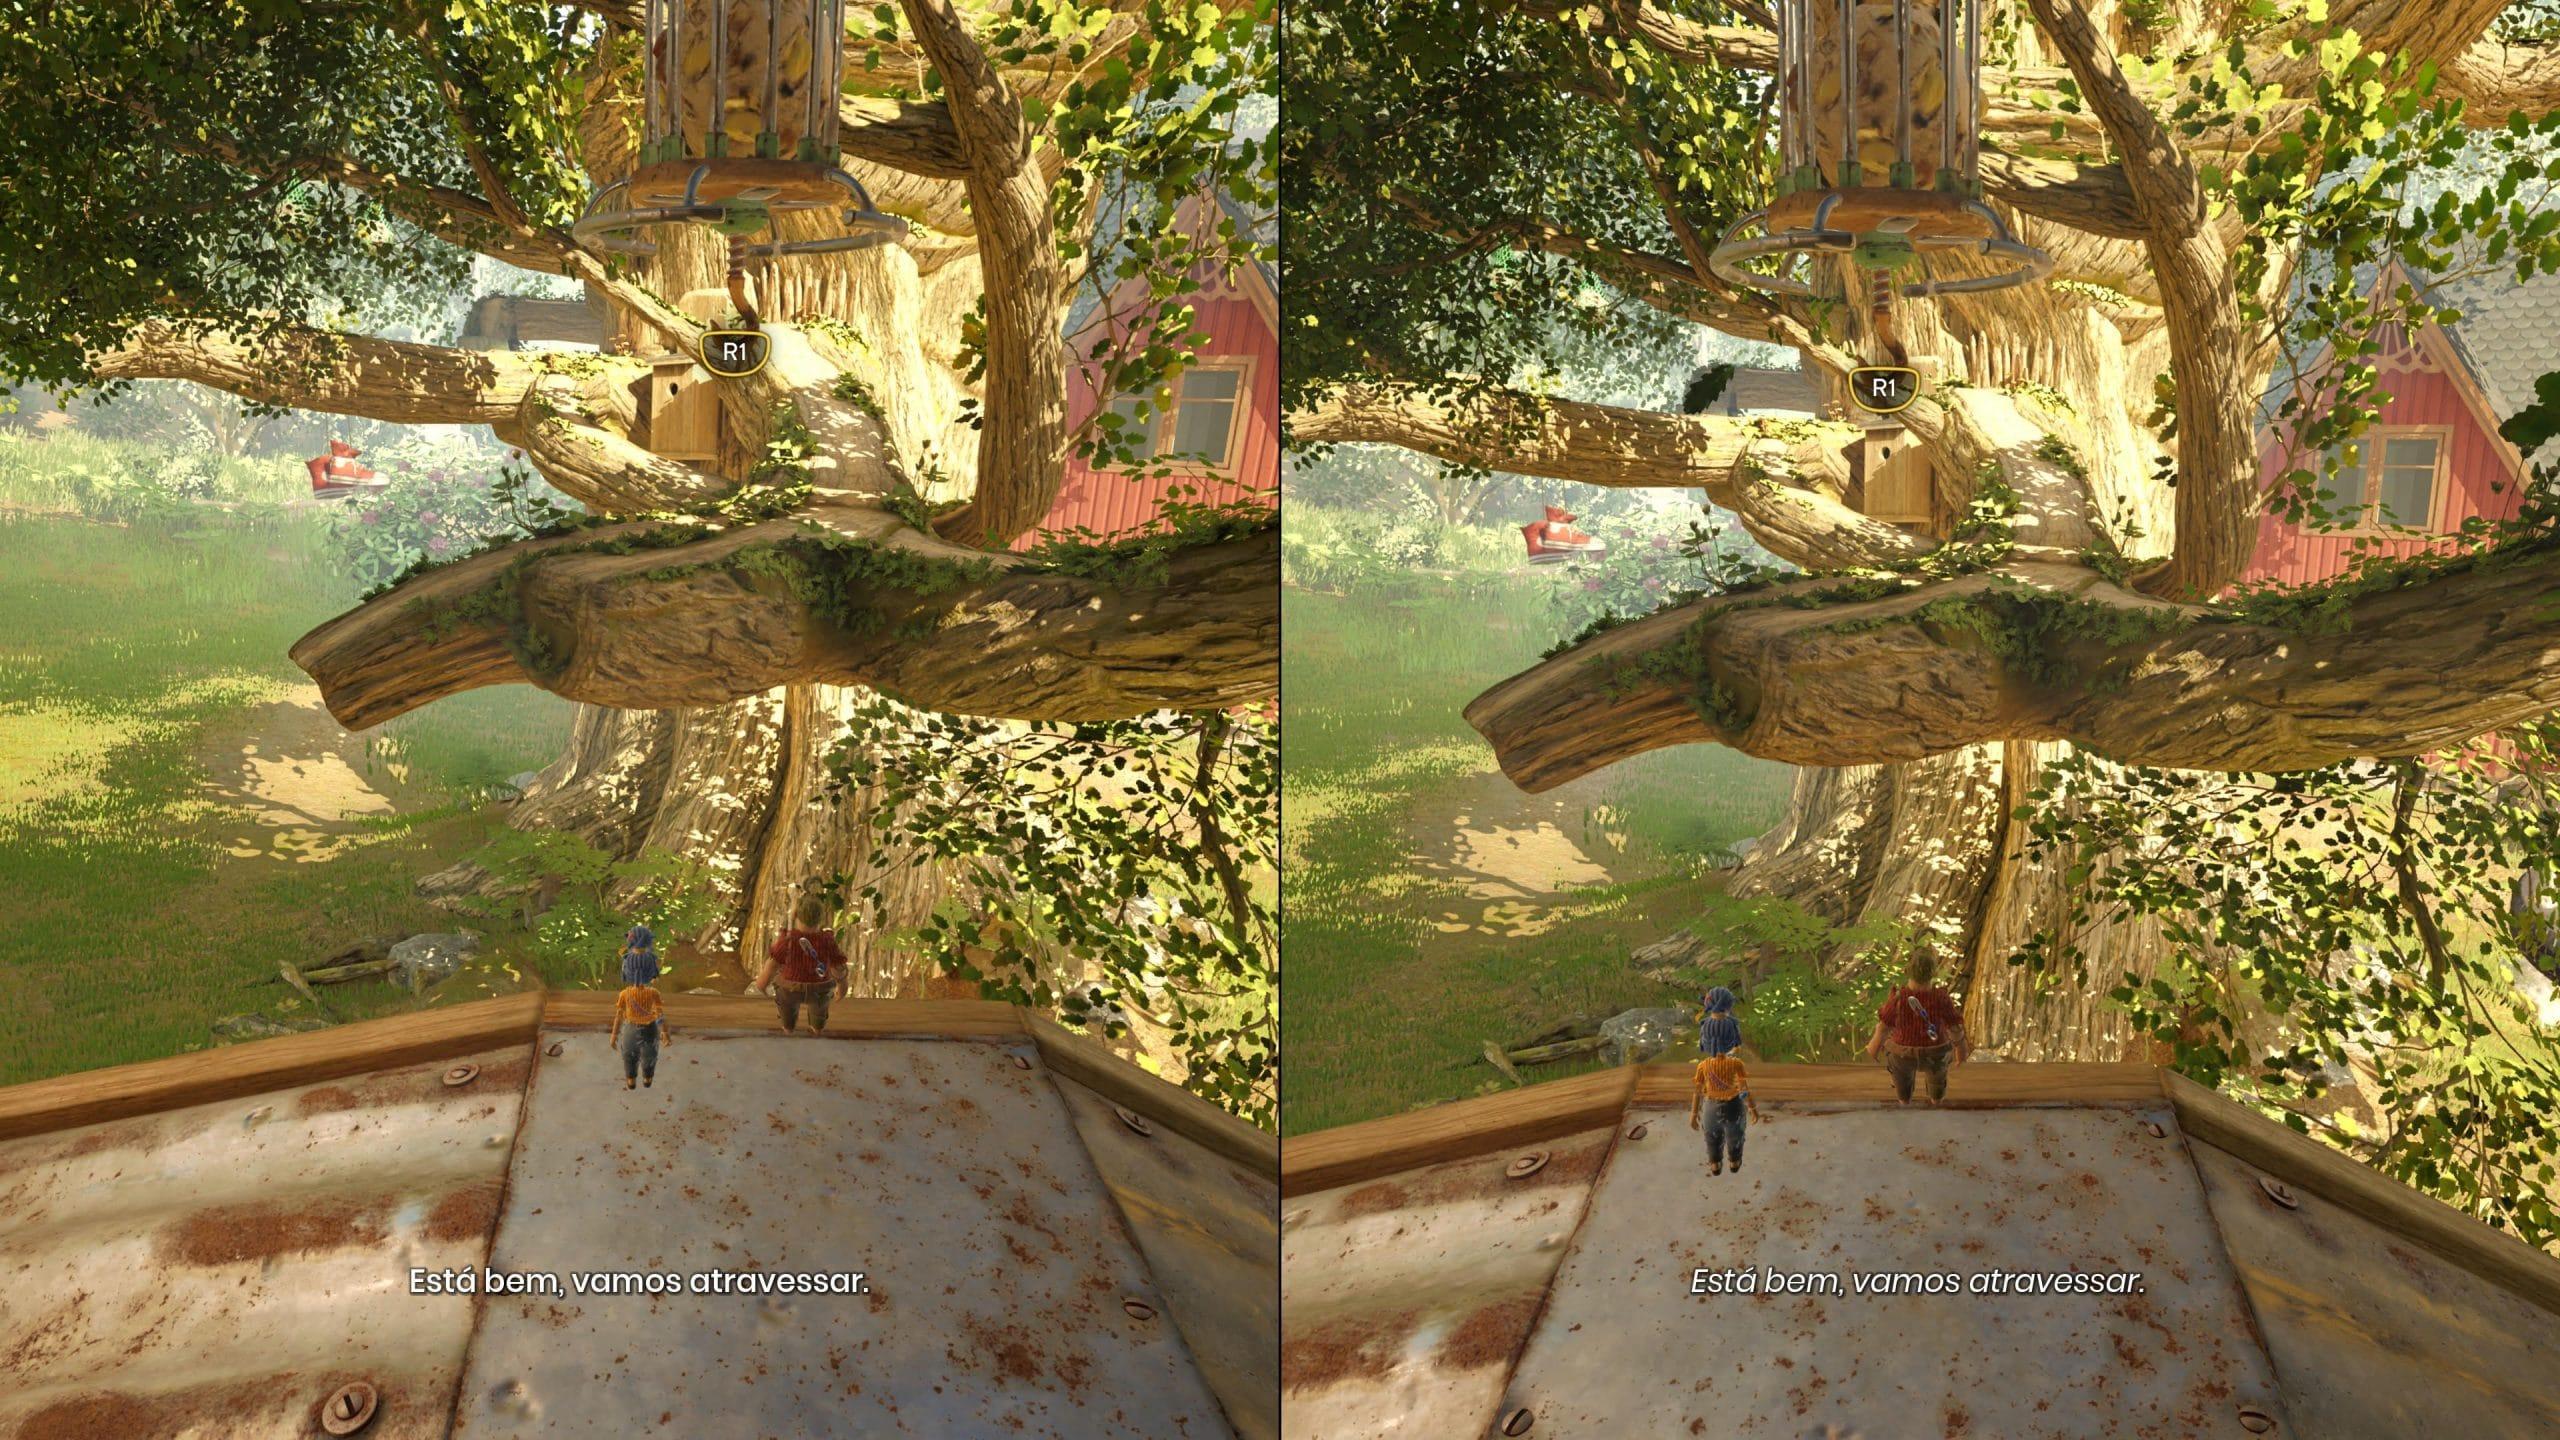 Coop com tela dividida de It Takes Two é super divertido (Foto: Reprodução/Thiago Barros)